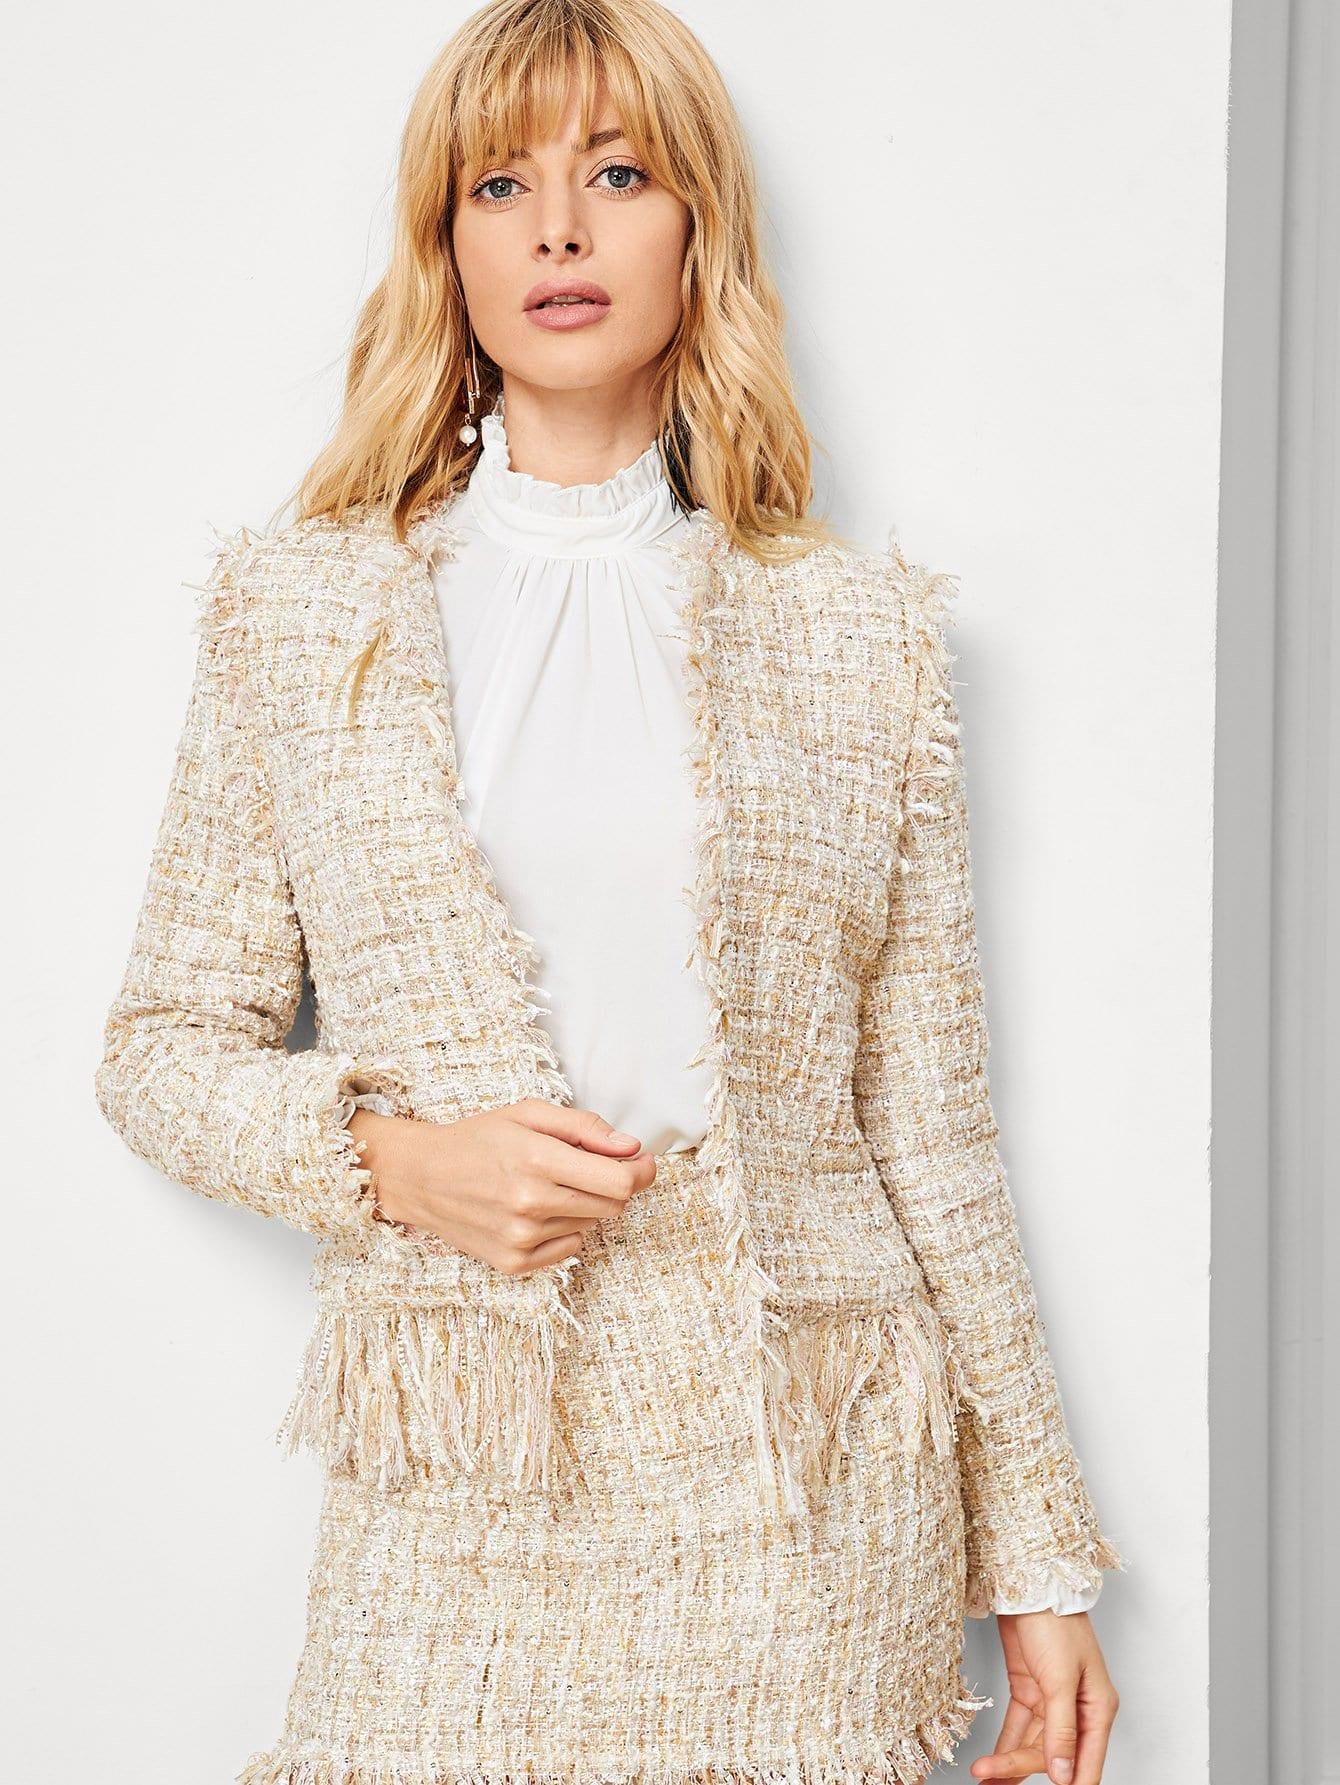 Купить Открытое пальто из твида со сырыми оторочками, Masha, SheIn